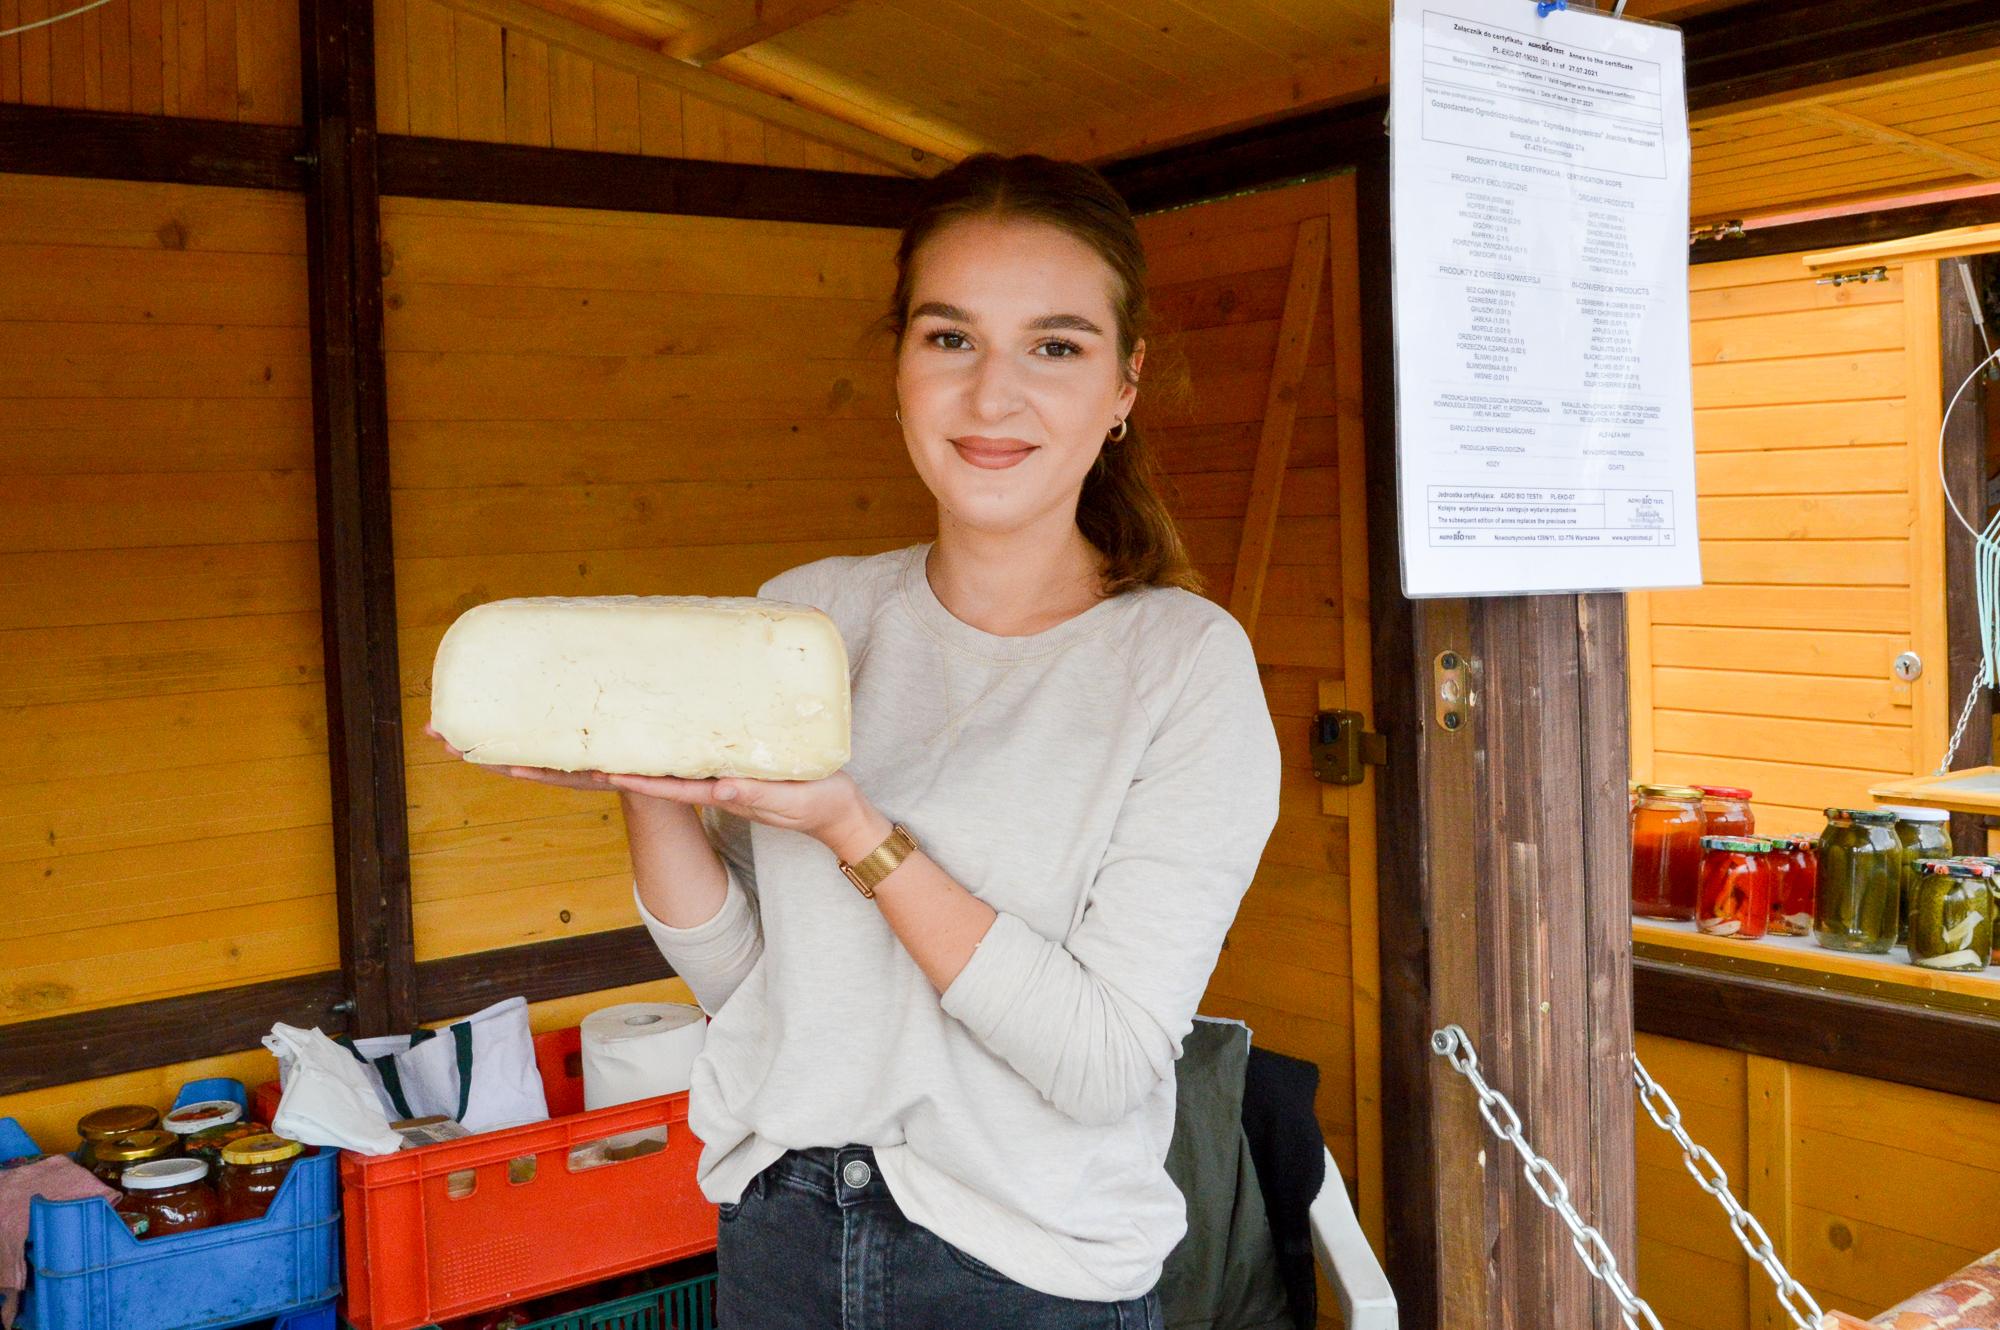 """Agata Marczinska z Borucina sprzedaje sery kozie. Jej rodzice wyrabiają je z mleka kóz anglonubijskich. Mleko tych kóz jest pozbawione charakterystycznego zapachu, dzięki czemu wytwarzane z niego sery mają przyjemny, łagodny zapach. """"Zagroda na pograniczu"""" w Borucinie liczy 150 kóz anglonubijskich. Na zdjęciu Agata Marczinska trzyma w rękach ser kozi długodojrzewający."""